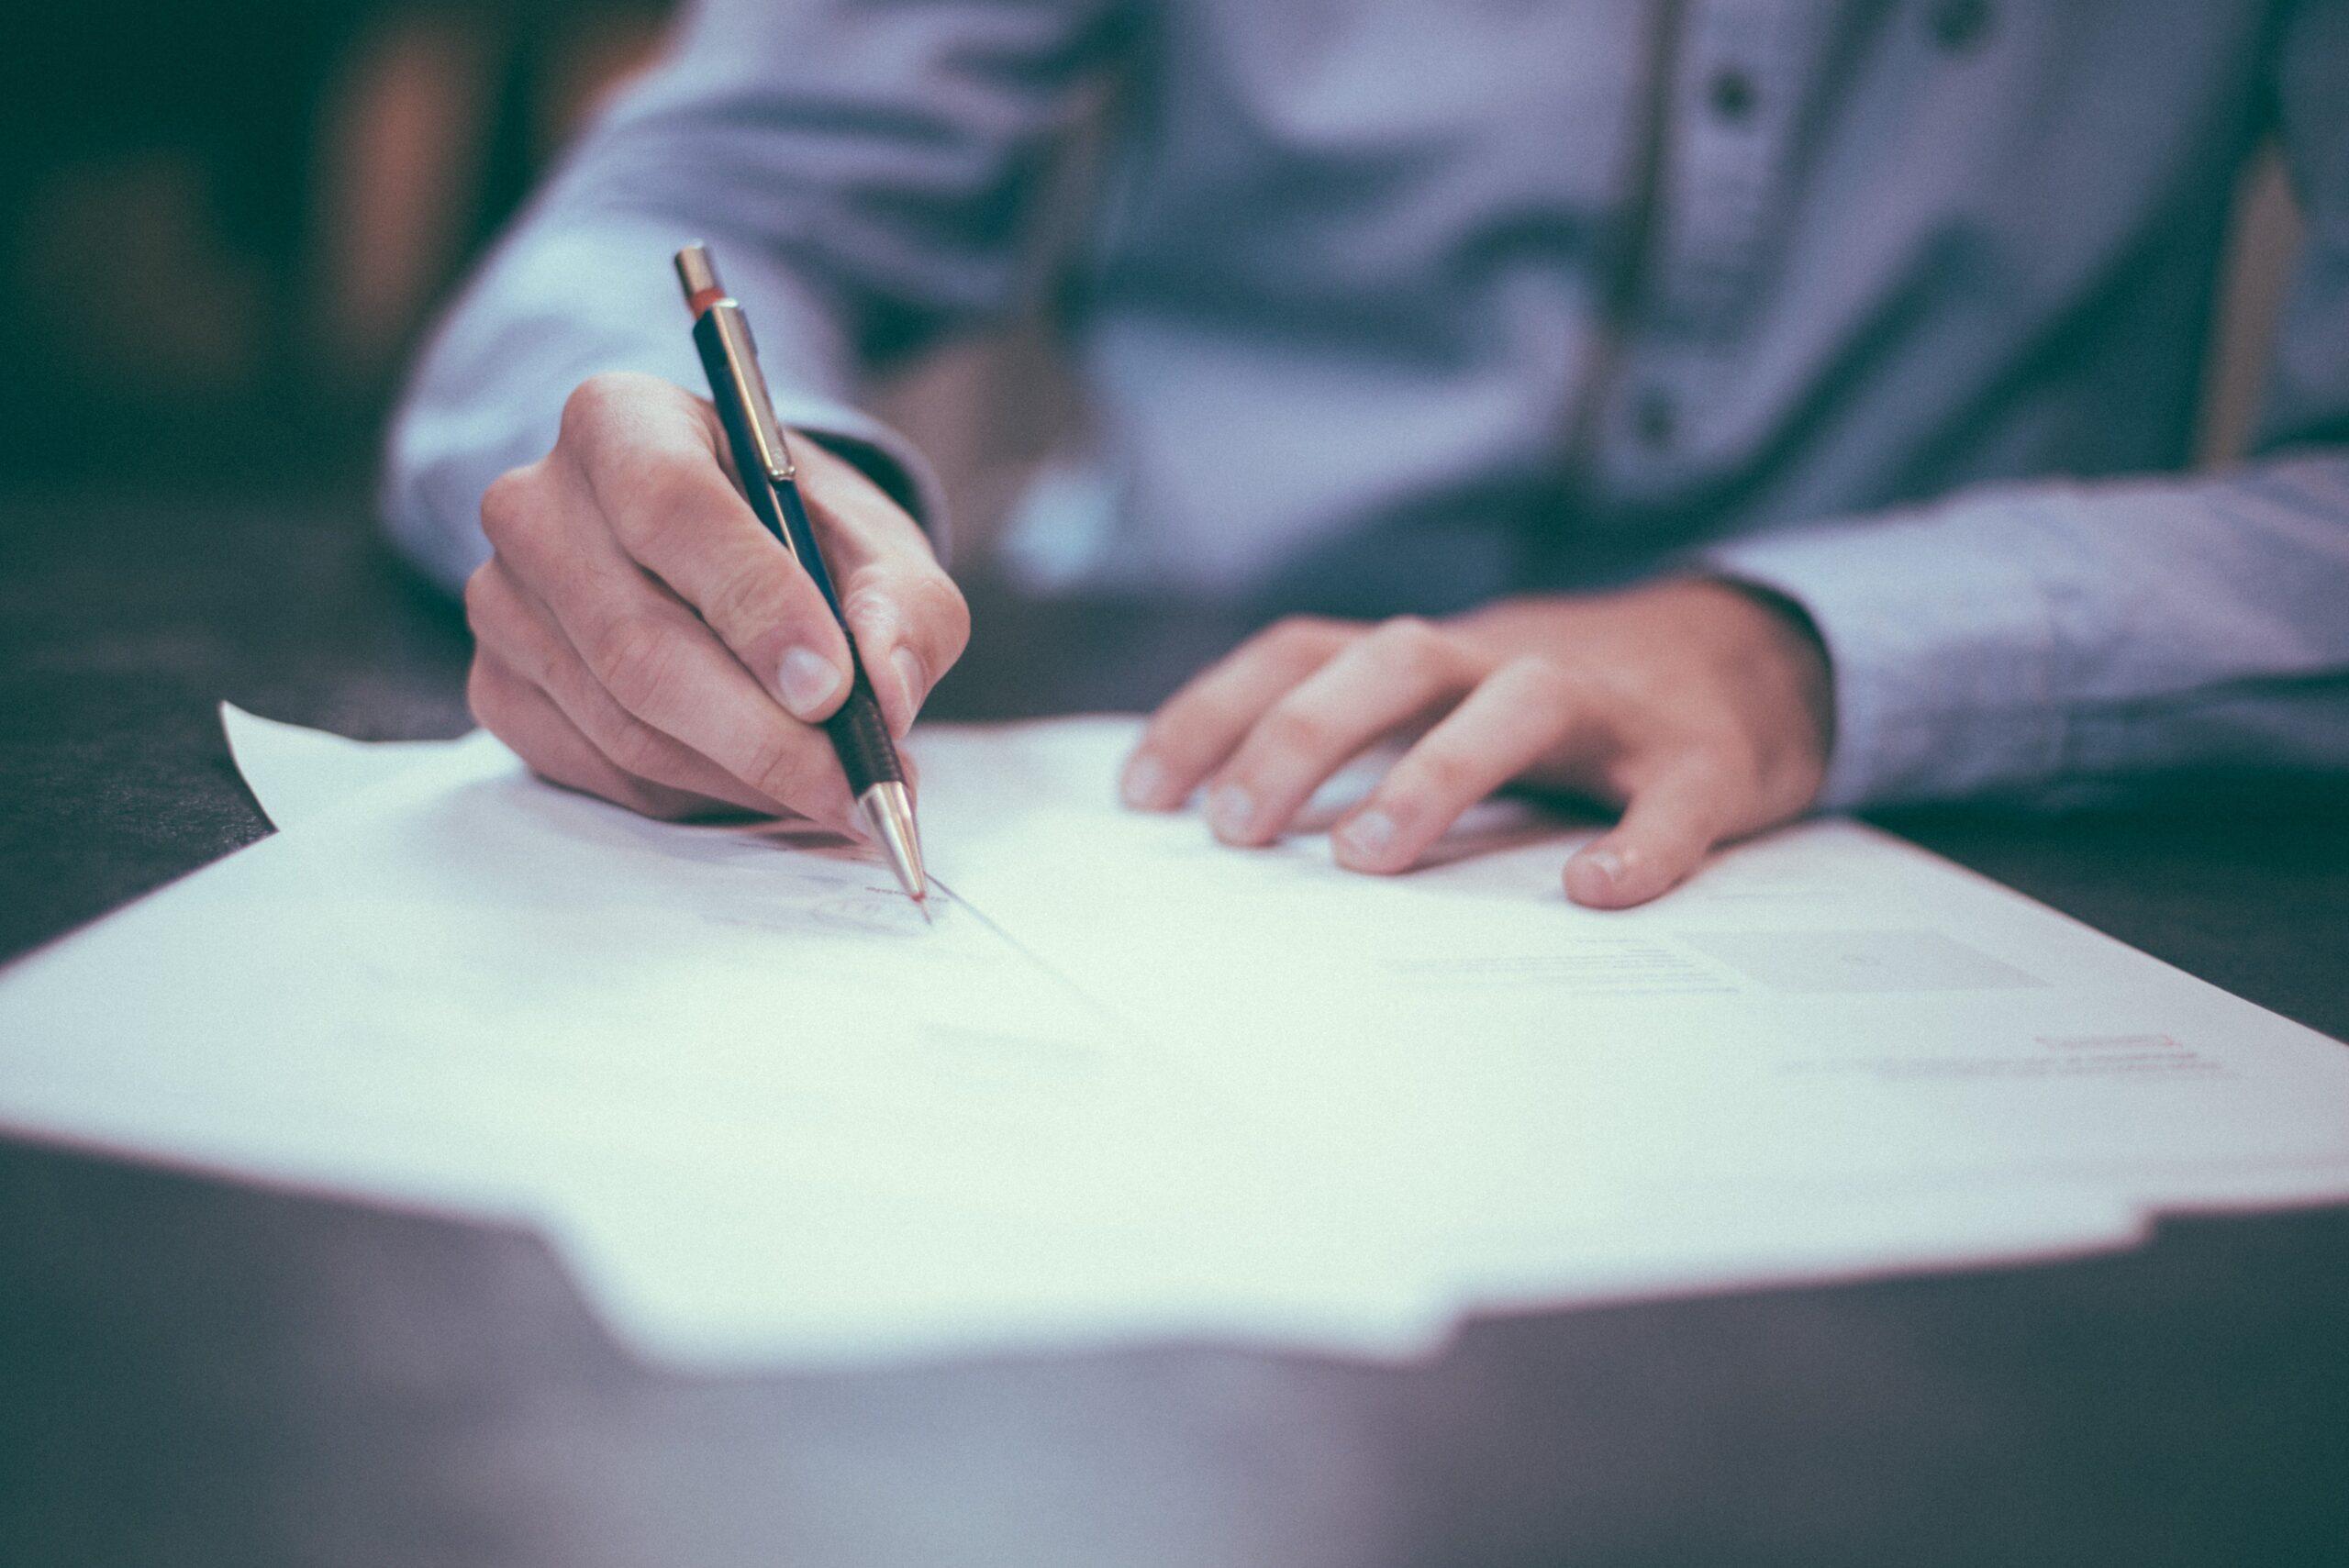 Anunț de selectare a organizațiilor neguvernamentale din raioanele Basarabeasca, Căușeni și Cimișlia pentru un program de formare și sprijinire a activității acestora